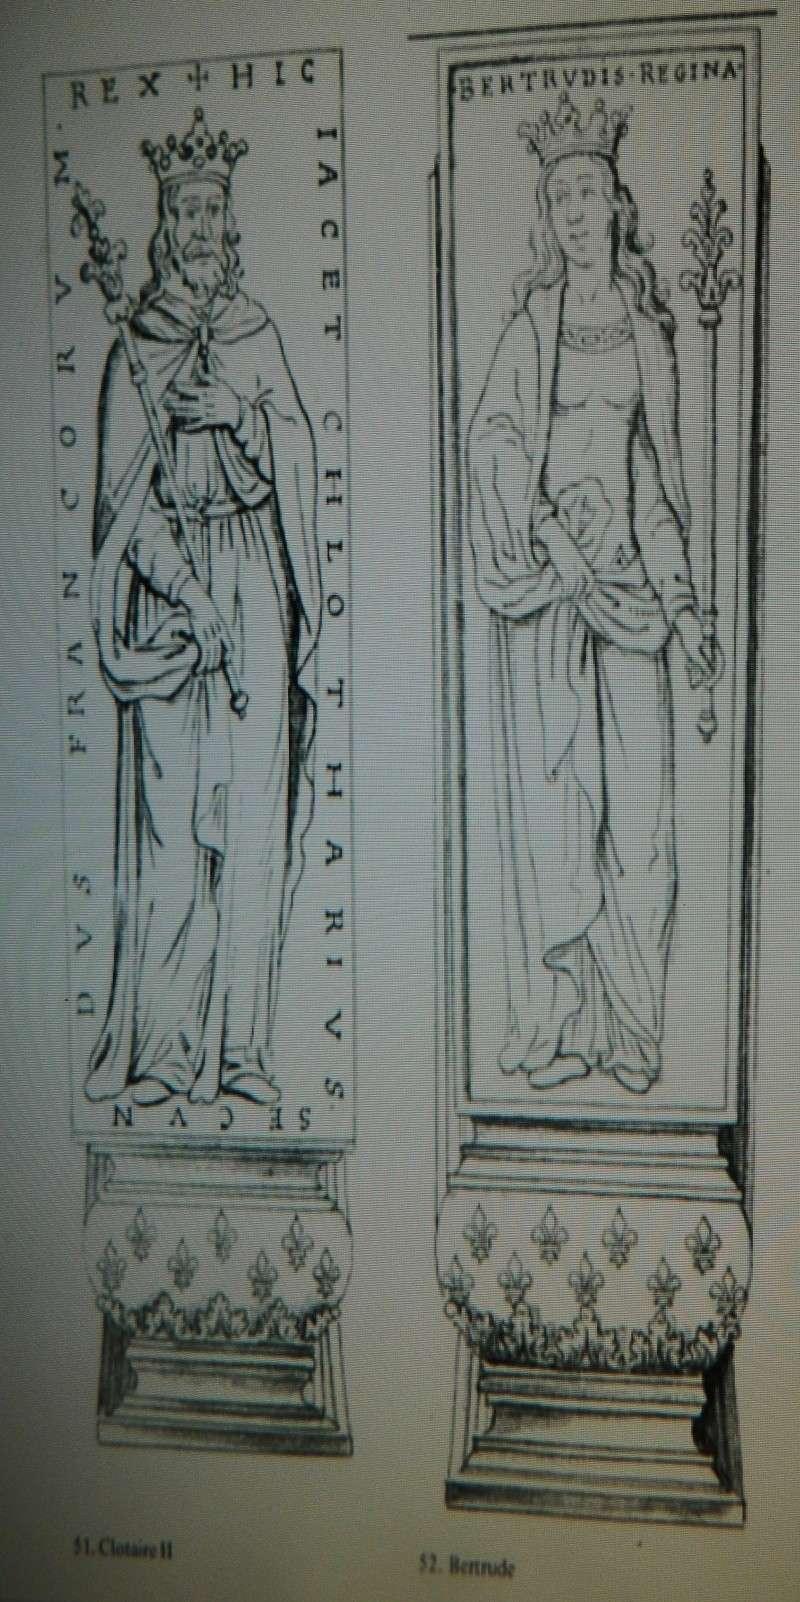 Les tombeaux mérovingiens de Saint-Germain-des-Prés Dscn5010